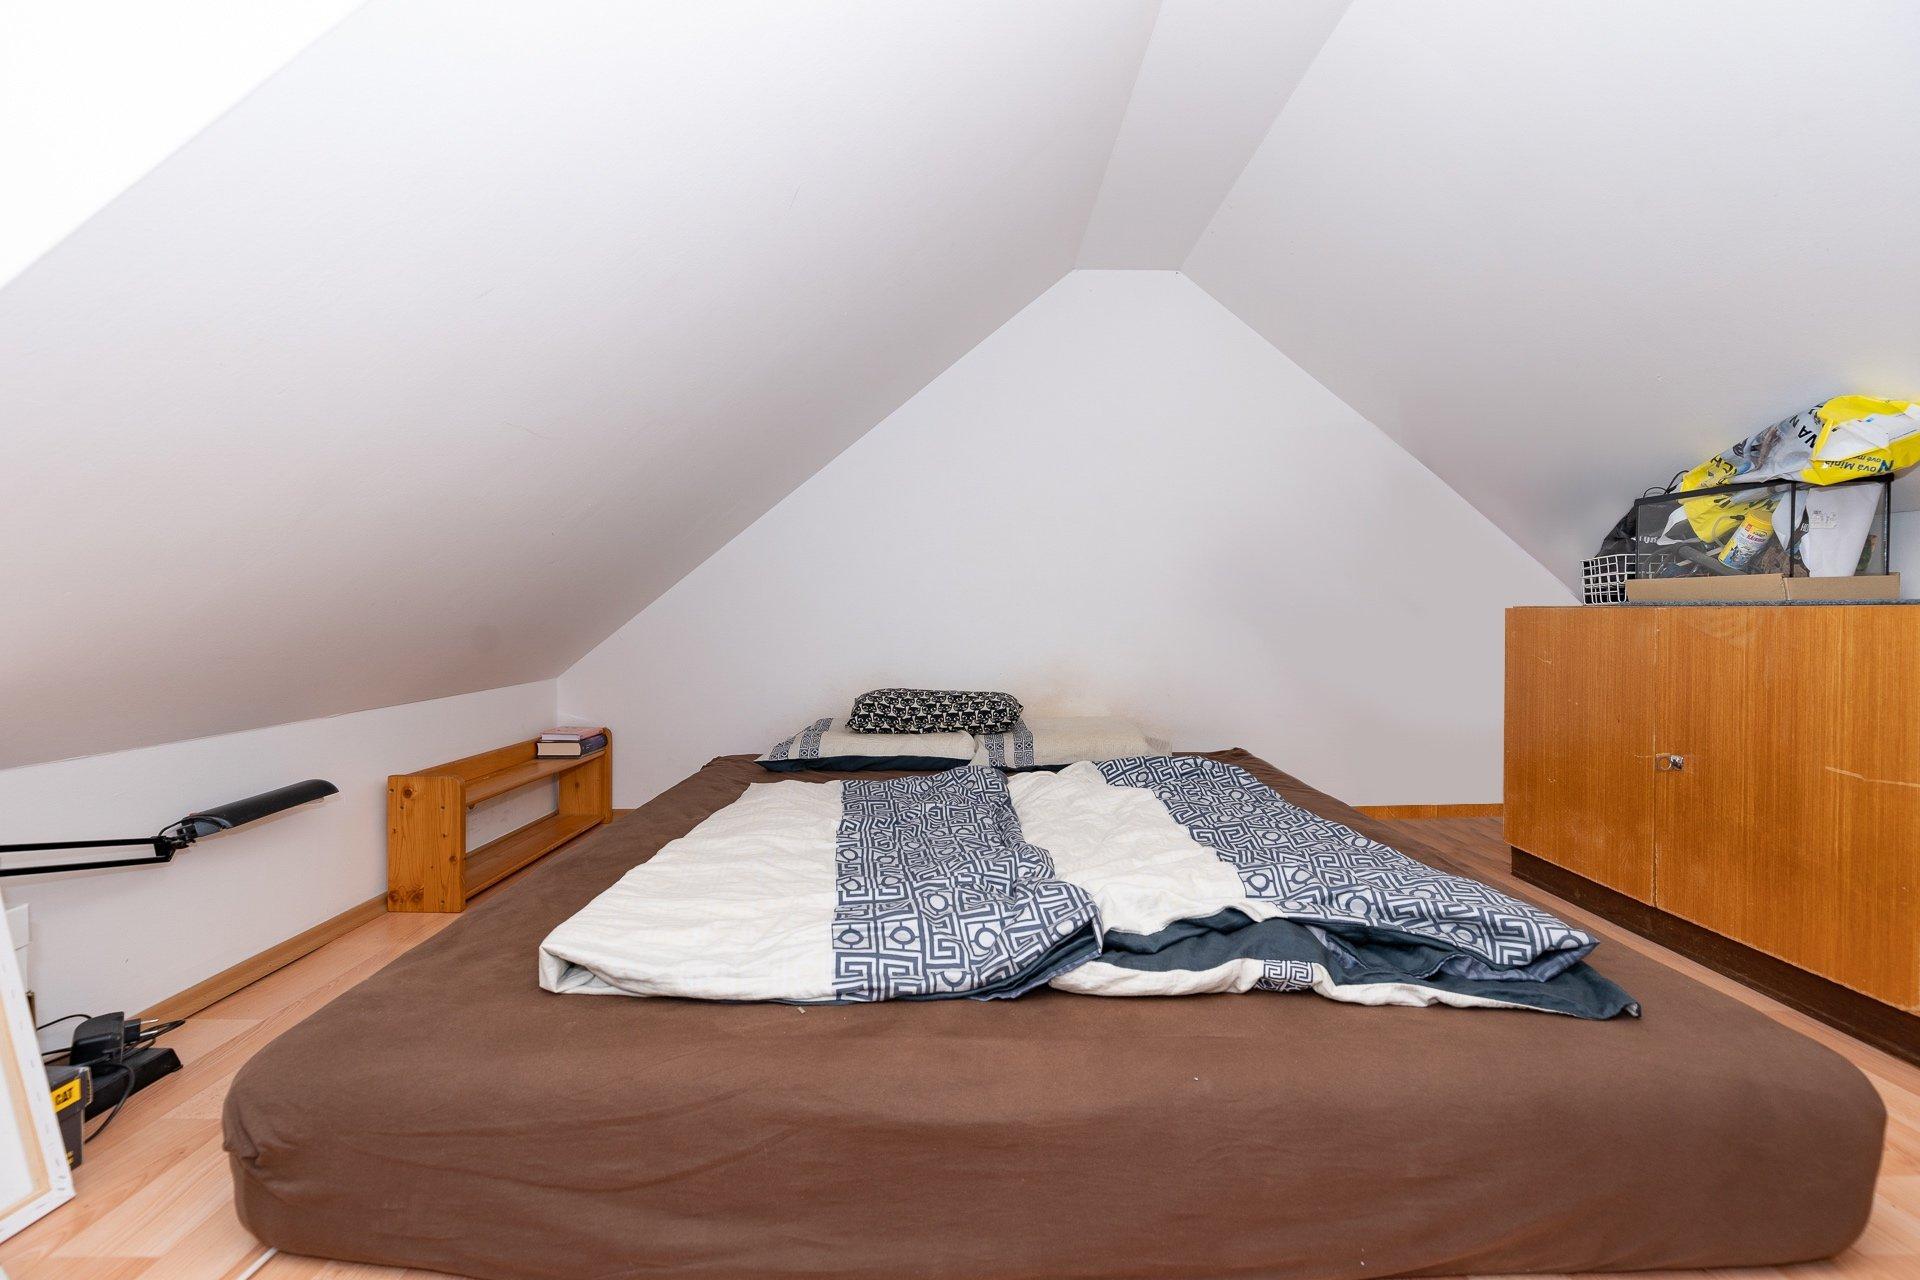 nízká ložnice s matrací a nábytkem